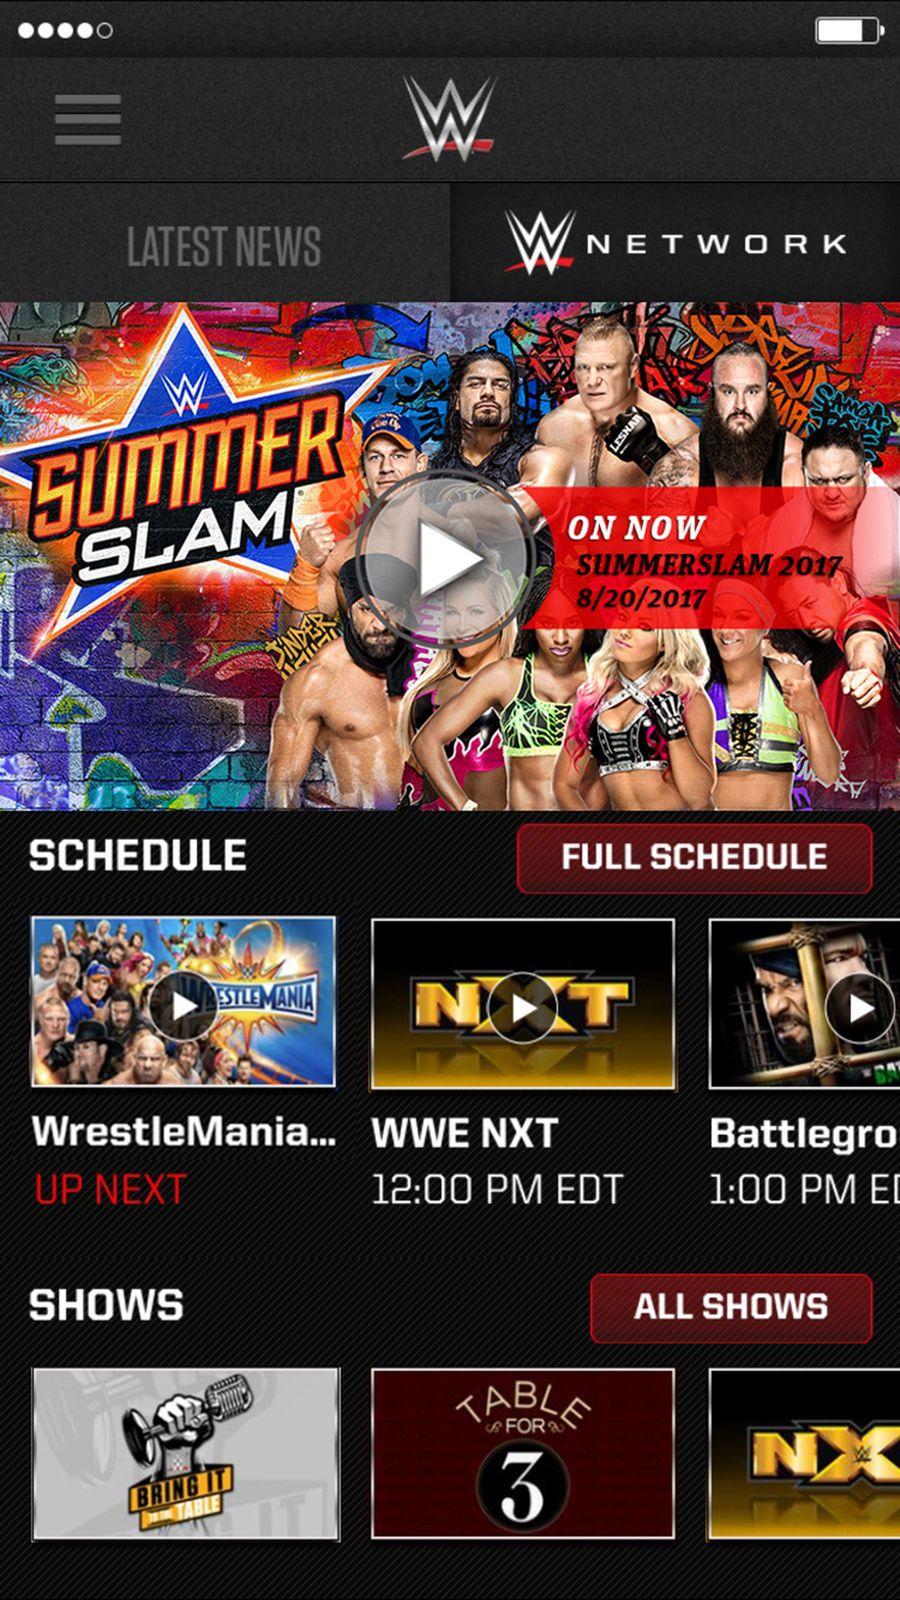 WWE iosSportsappapps Wwe, Sports app, Summerslam